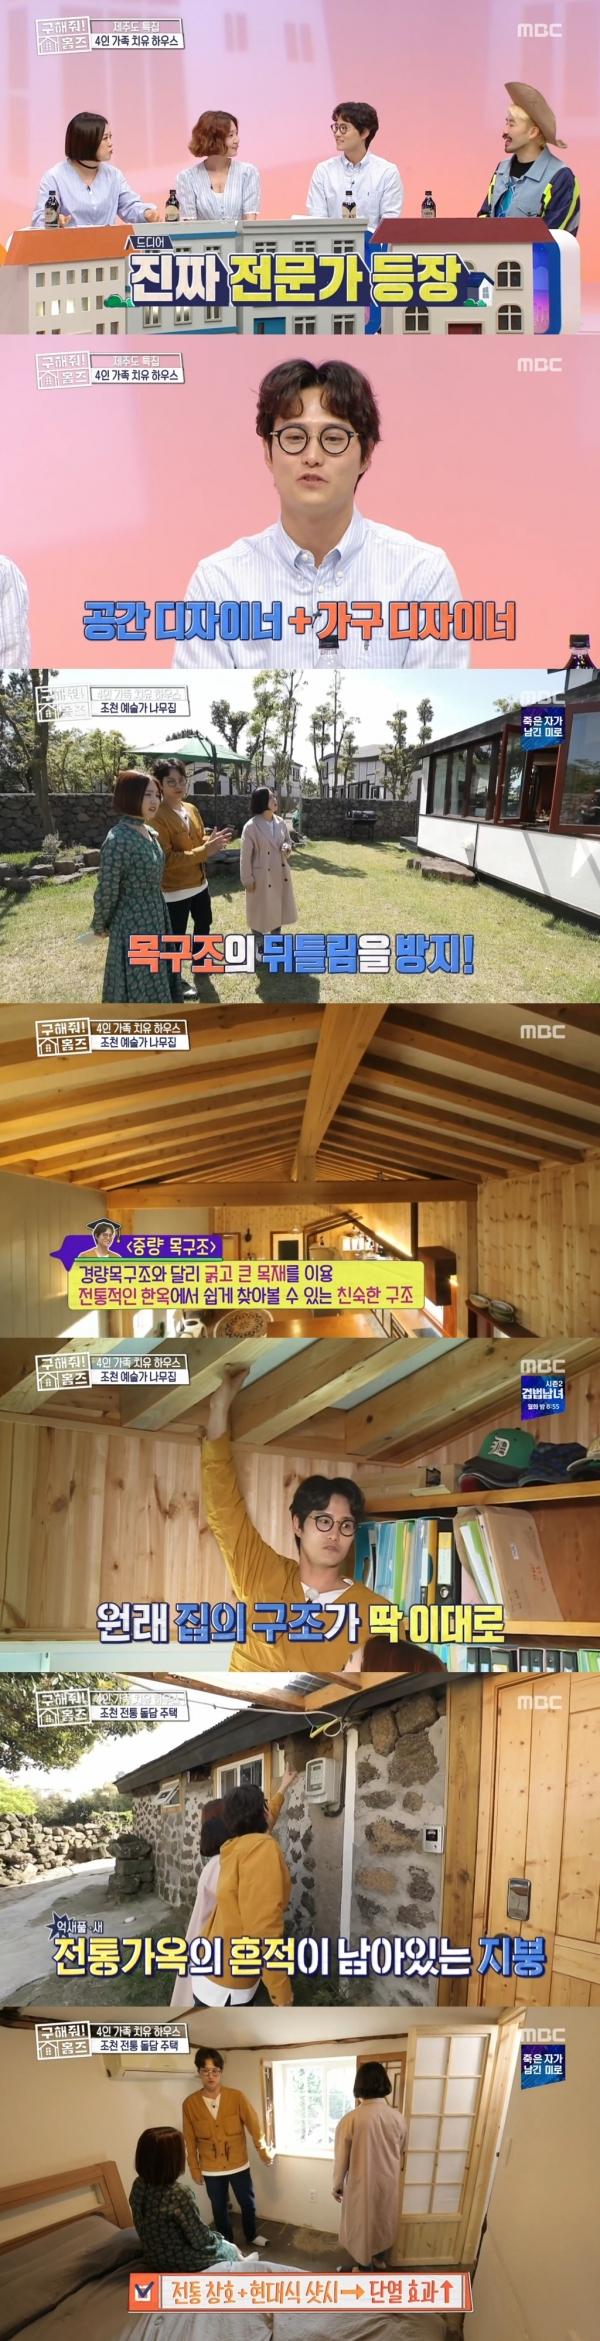 사진제공 : MBC '구해줘 홈즈'